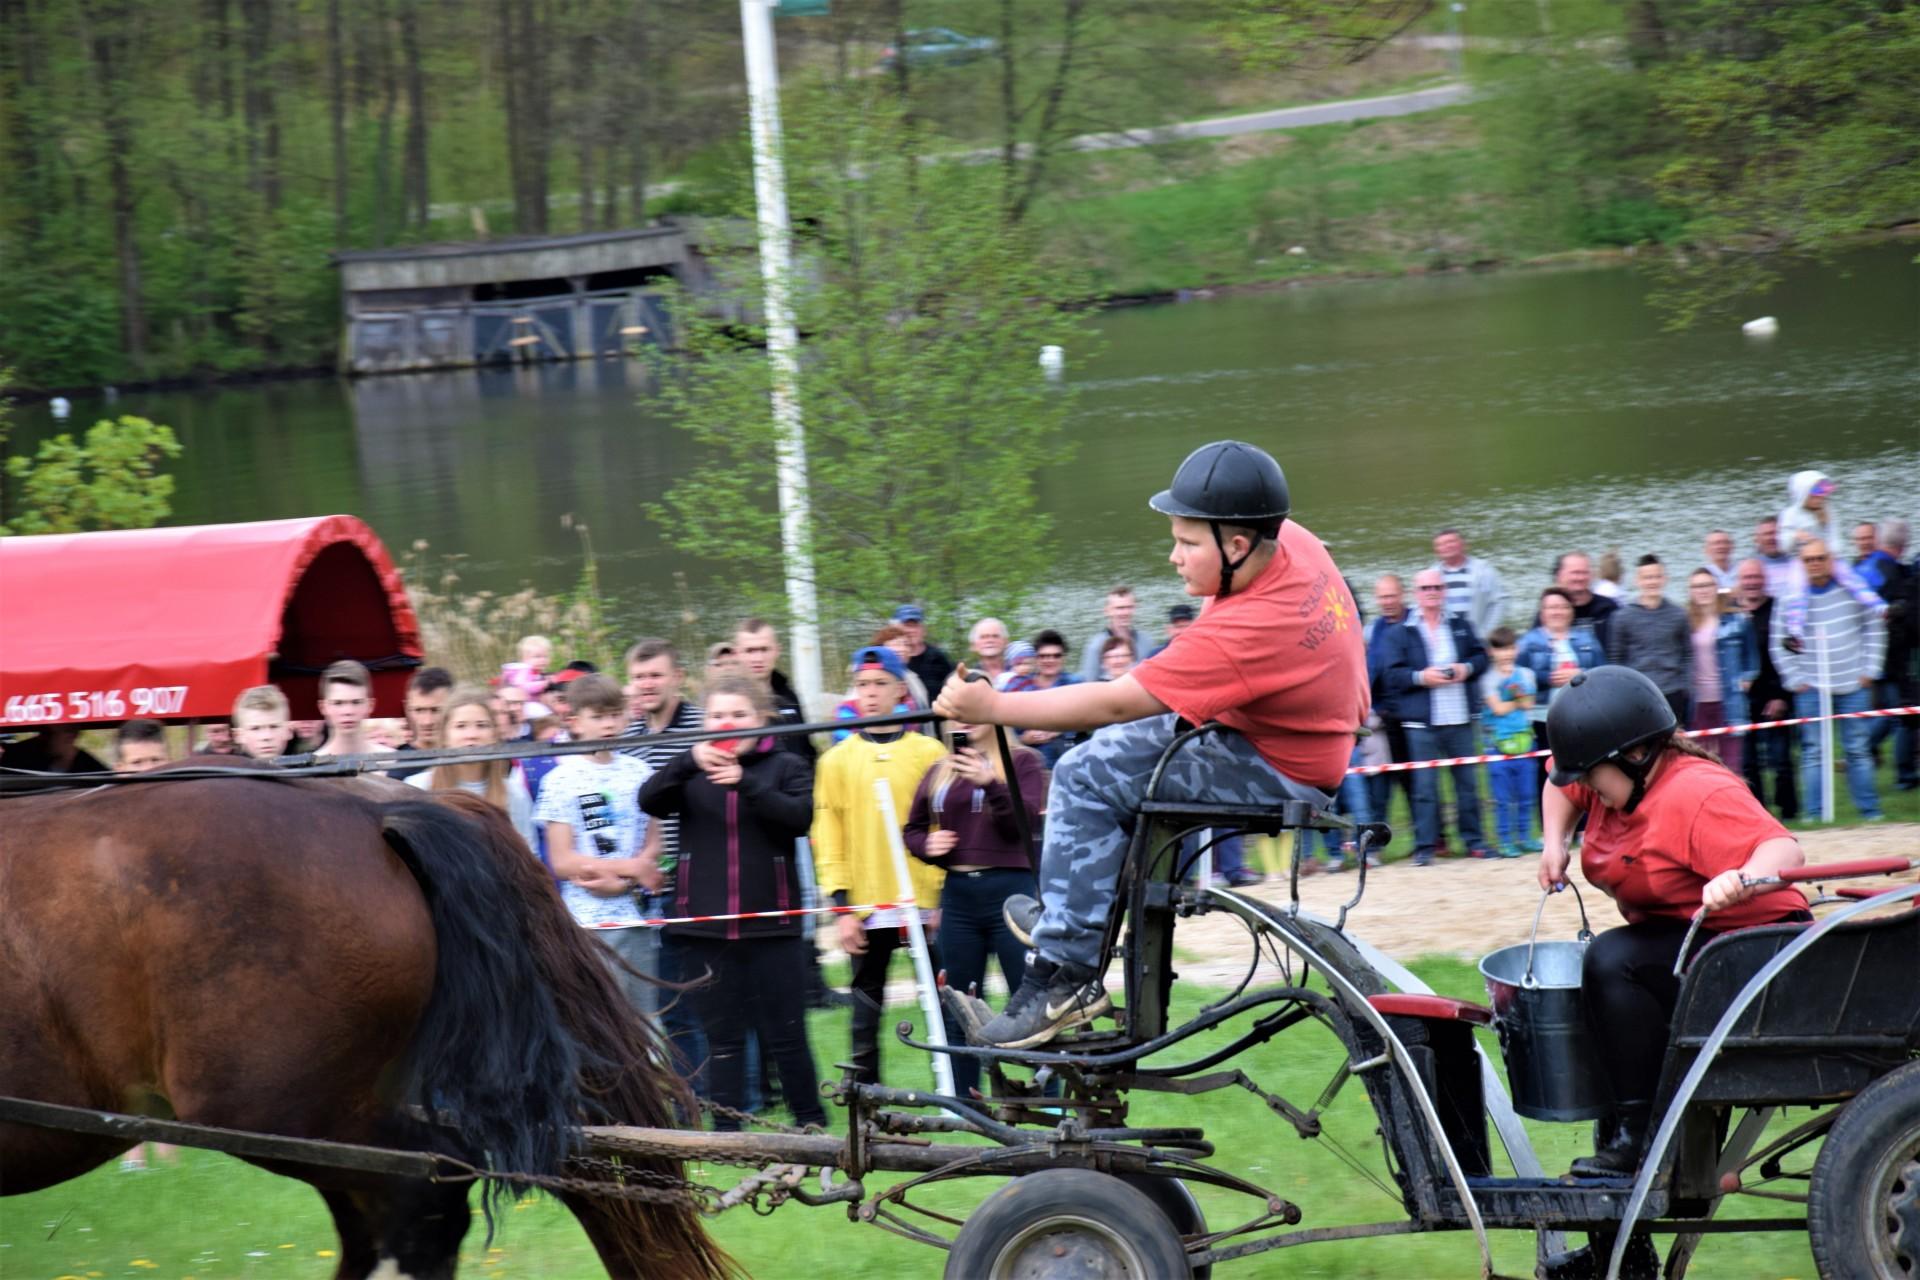 Konie, Kaszuby, Wiśta wio! Zawody w Ostrzycach [FOTOREPORTAŻ] 4